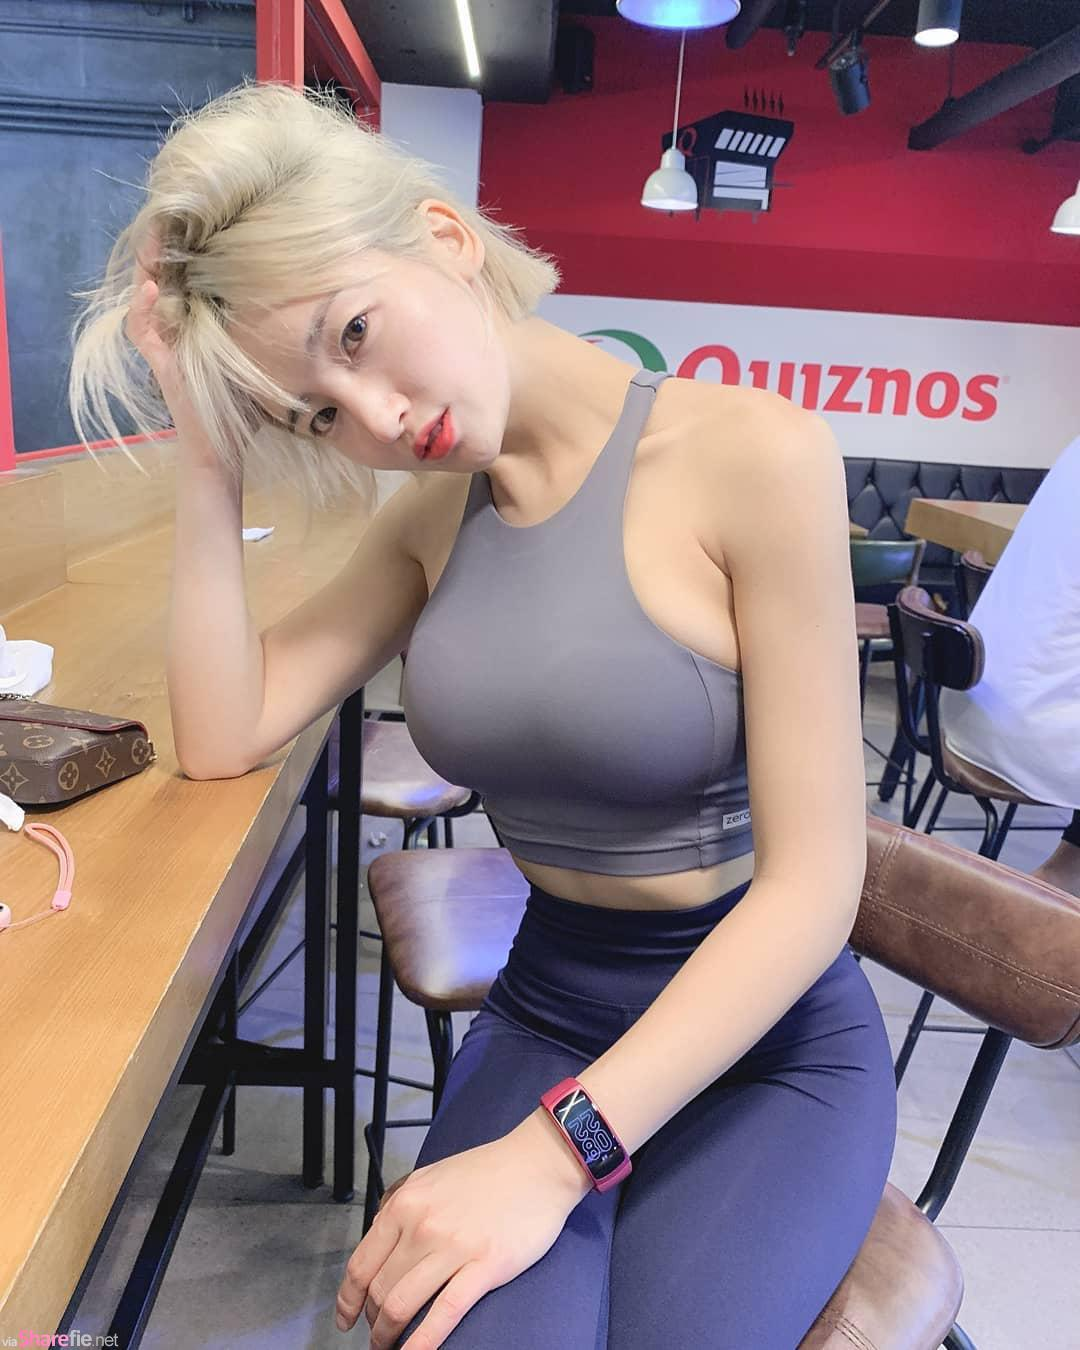 韩国健身正妹,紧身上衣超狂身材想逼死人